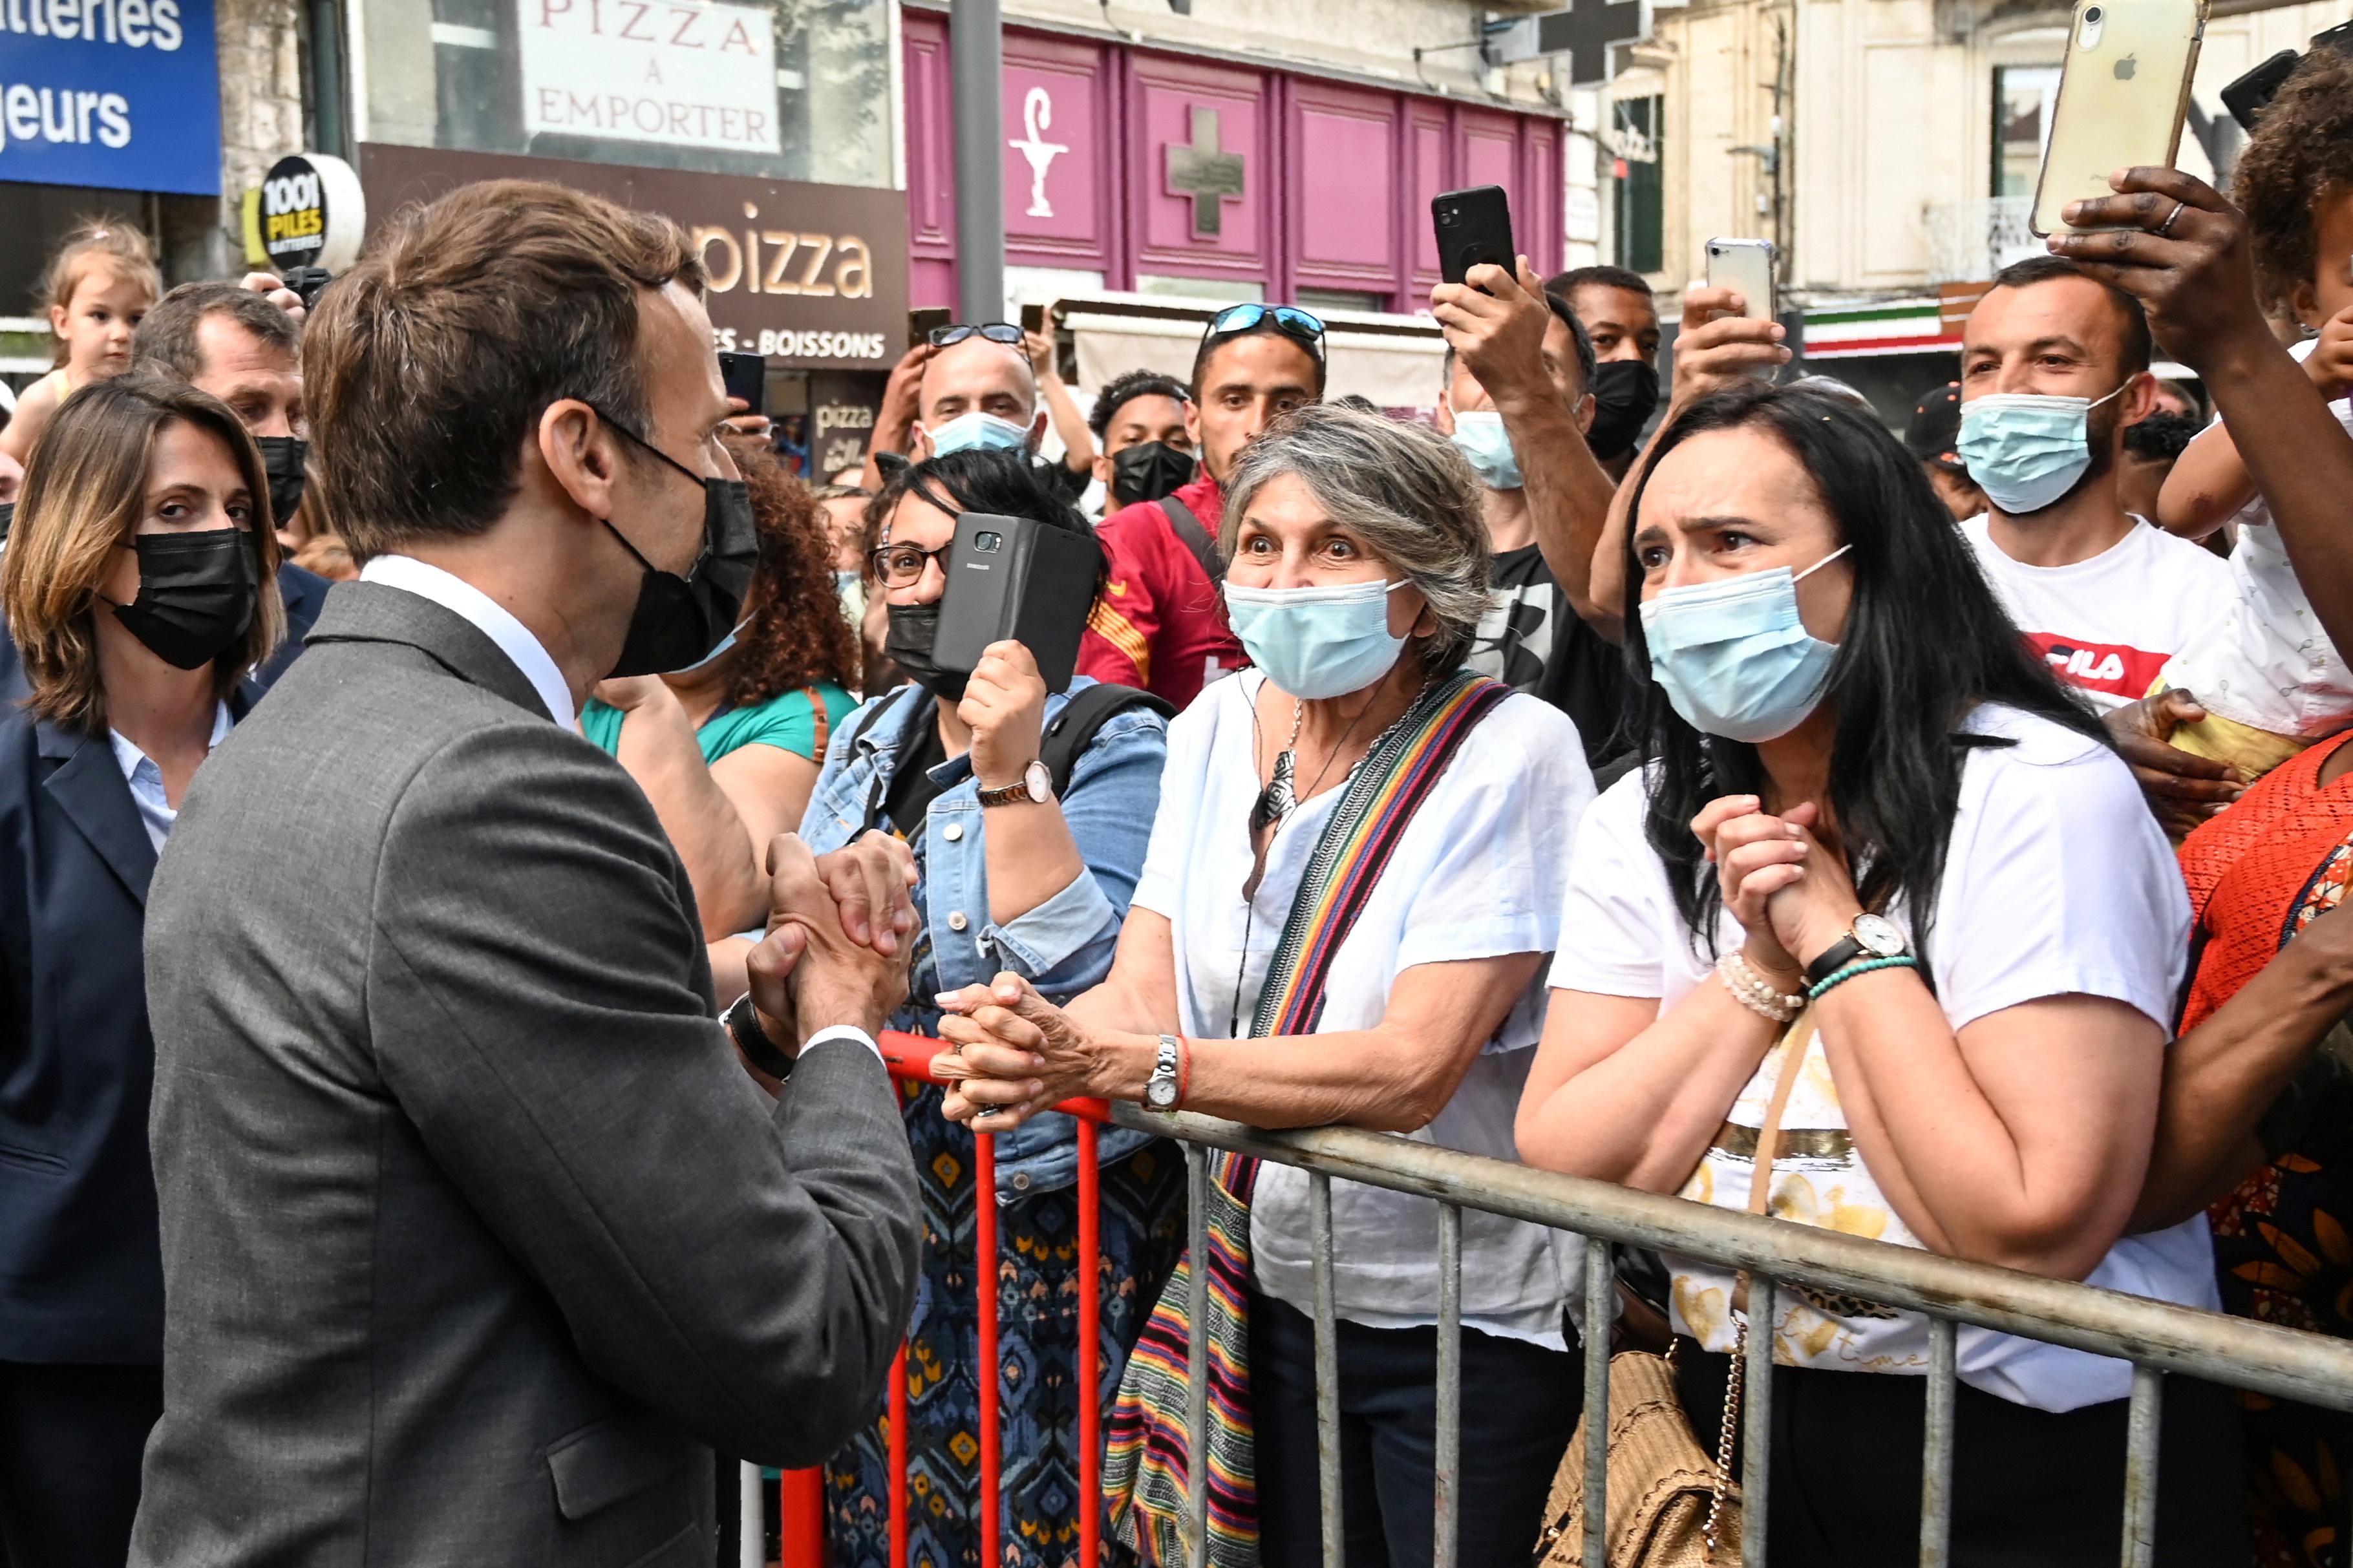 Den franske presidenten Emmanuel Macron samhandler med medlemmer av en mengde mens han besøkte Valence, Frankrike 8. juni 2021. Philippe Desmazes / Pool via REUTERS